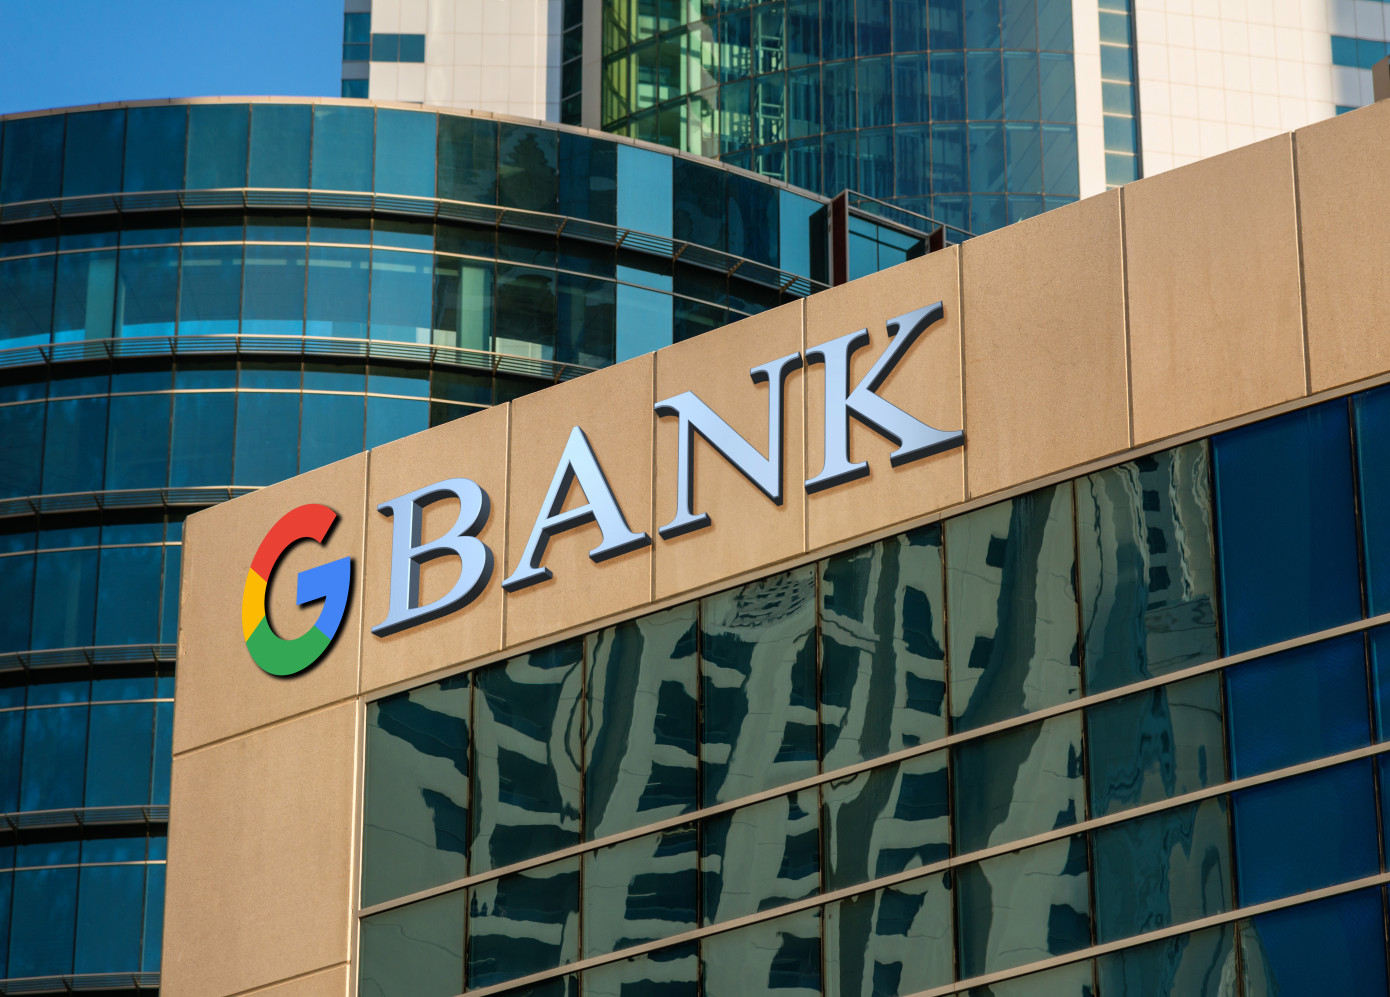 Obrázek: Google Cache přináší bankovní služby. Spolupracovat bude s Citigroup